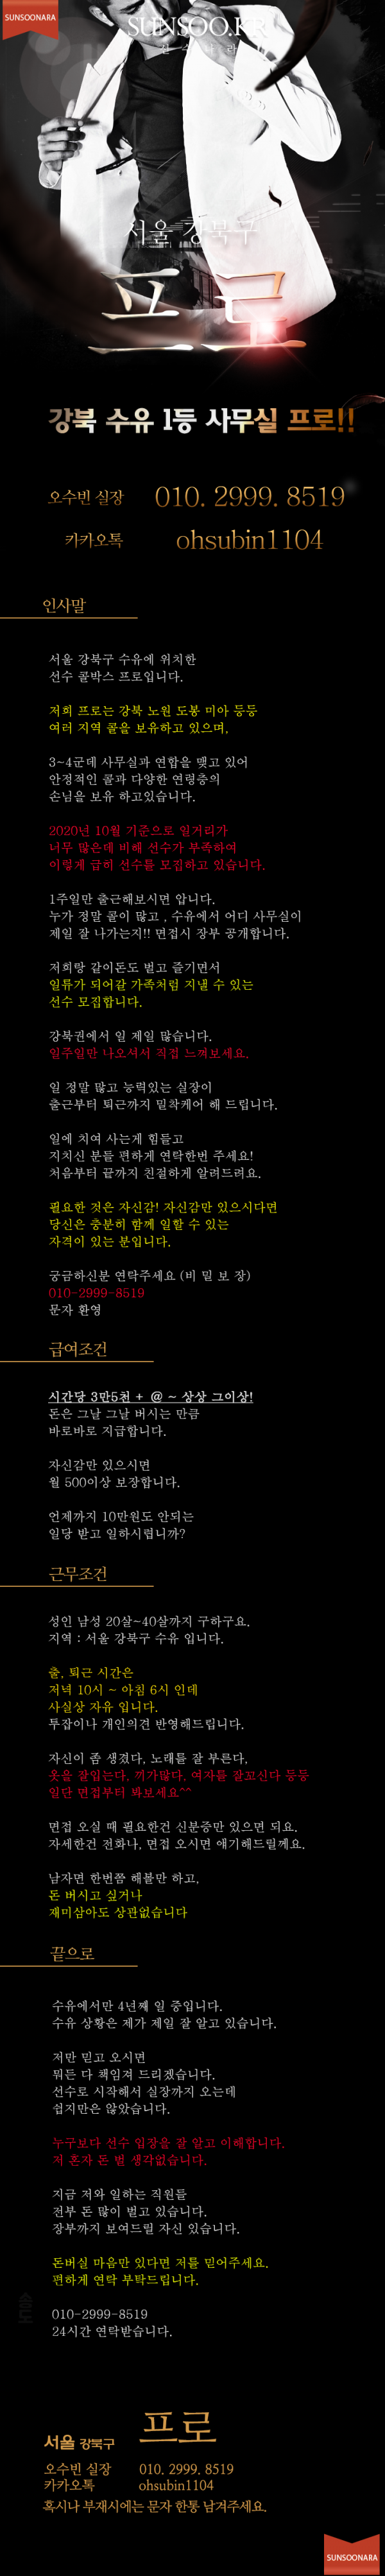 강북 프로.png